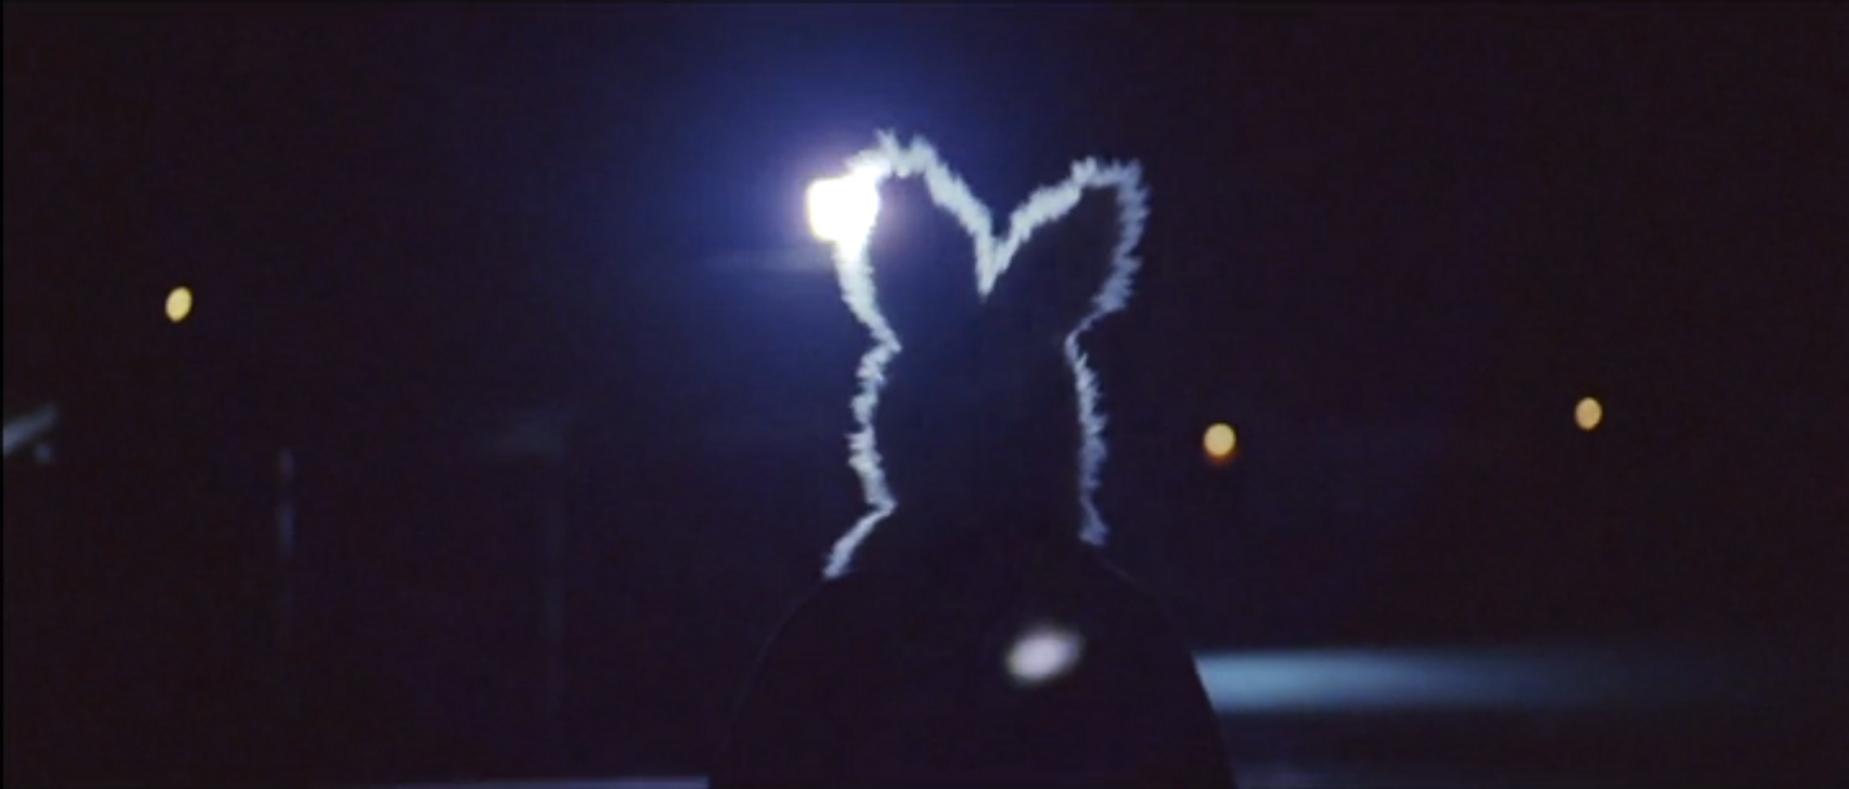 BEN LUKAS BOYSEN 'Only In The Dark'